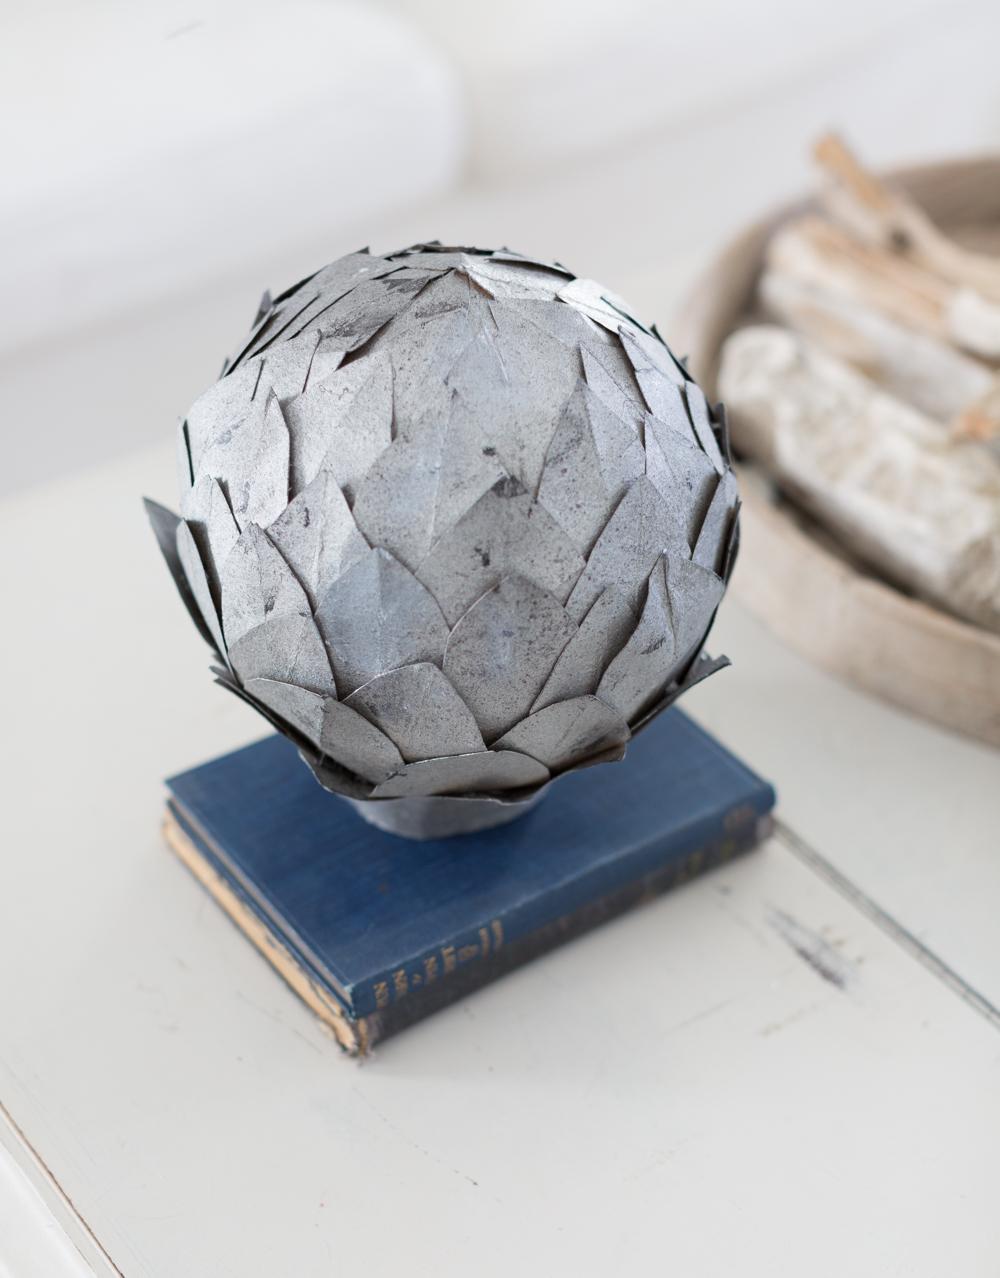 Leaf sphere knockoff_-14